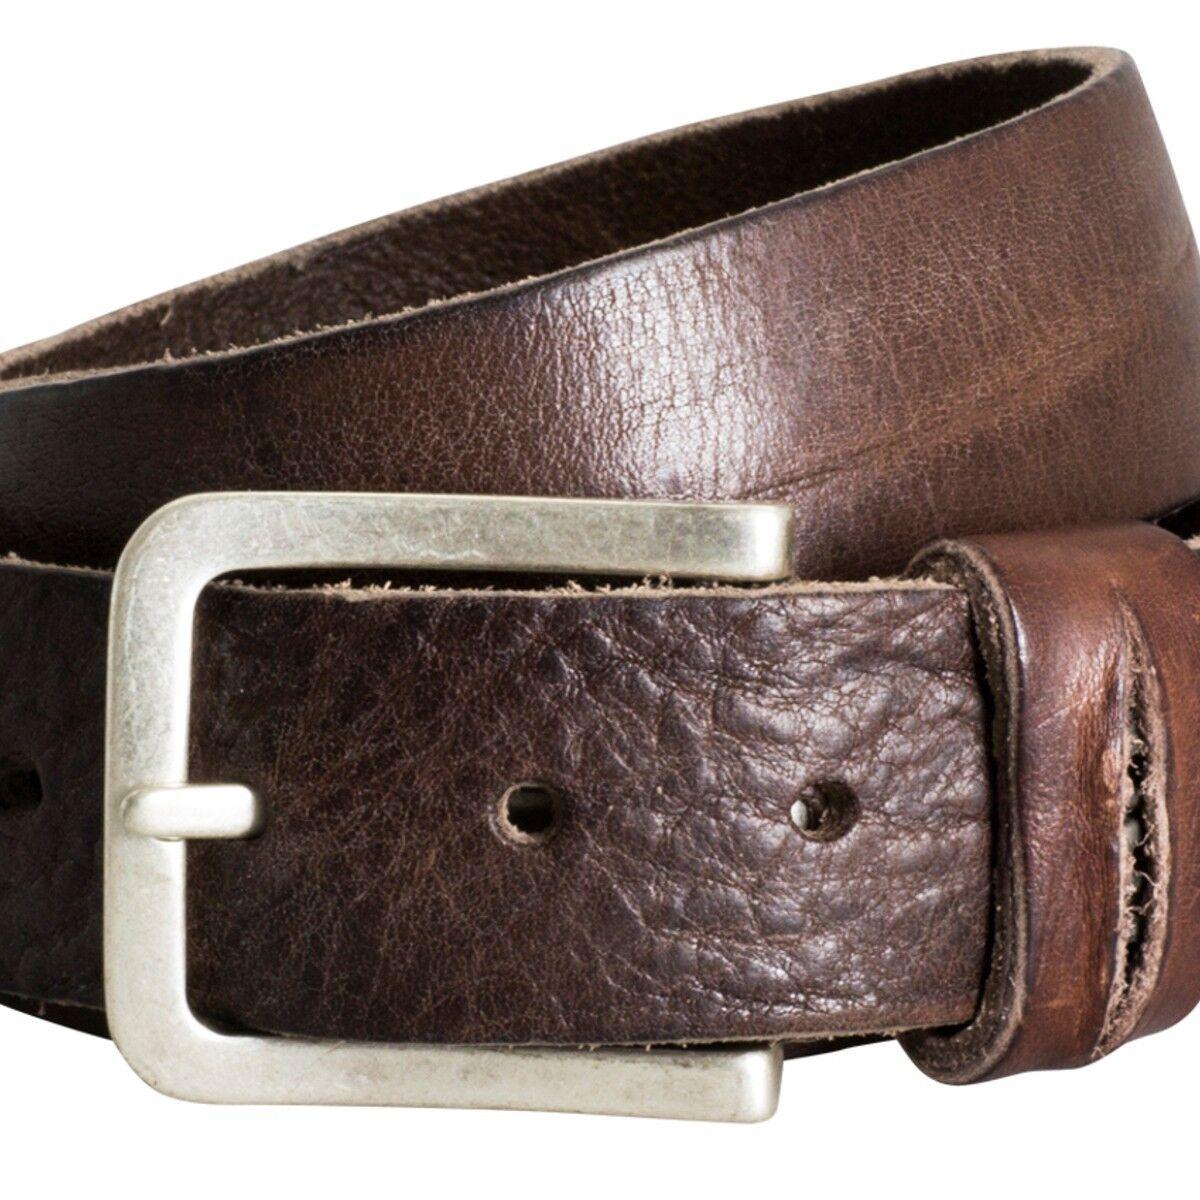 LINDENMANN The Art of of of Belt Ledergürtel Damen   Ledergürtel Herren, Premium Vollr | Online Shop Europe  | Genial Und Praktisch  71329b